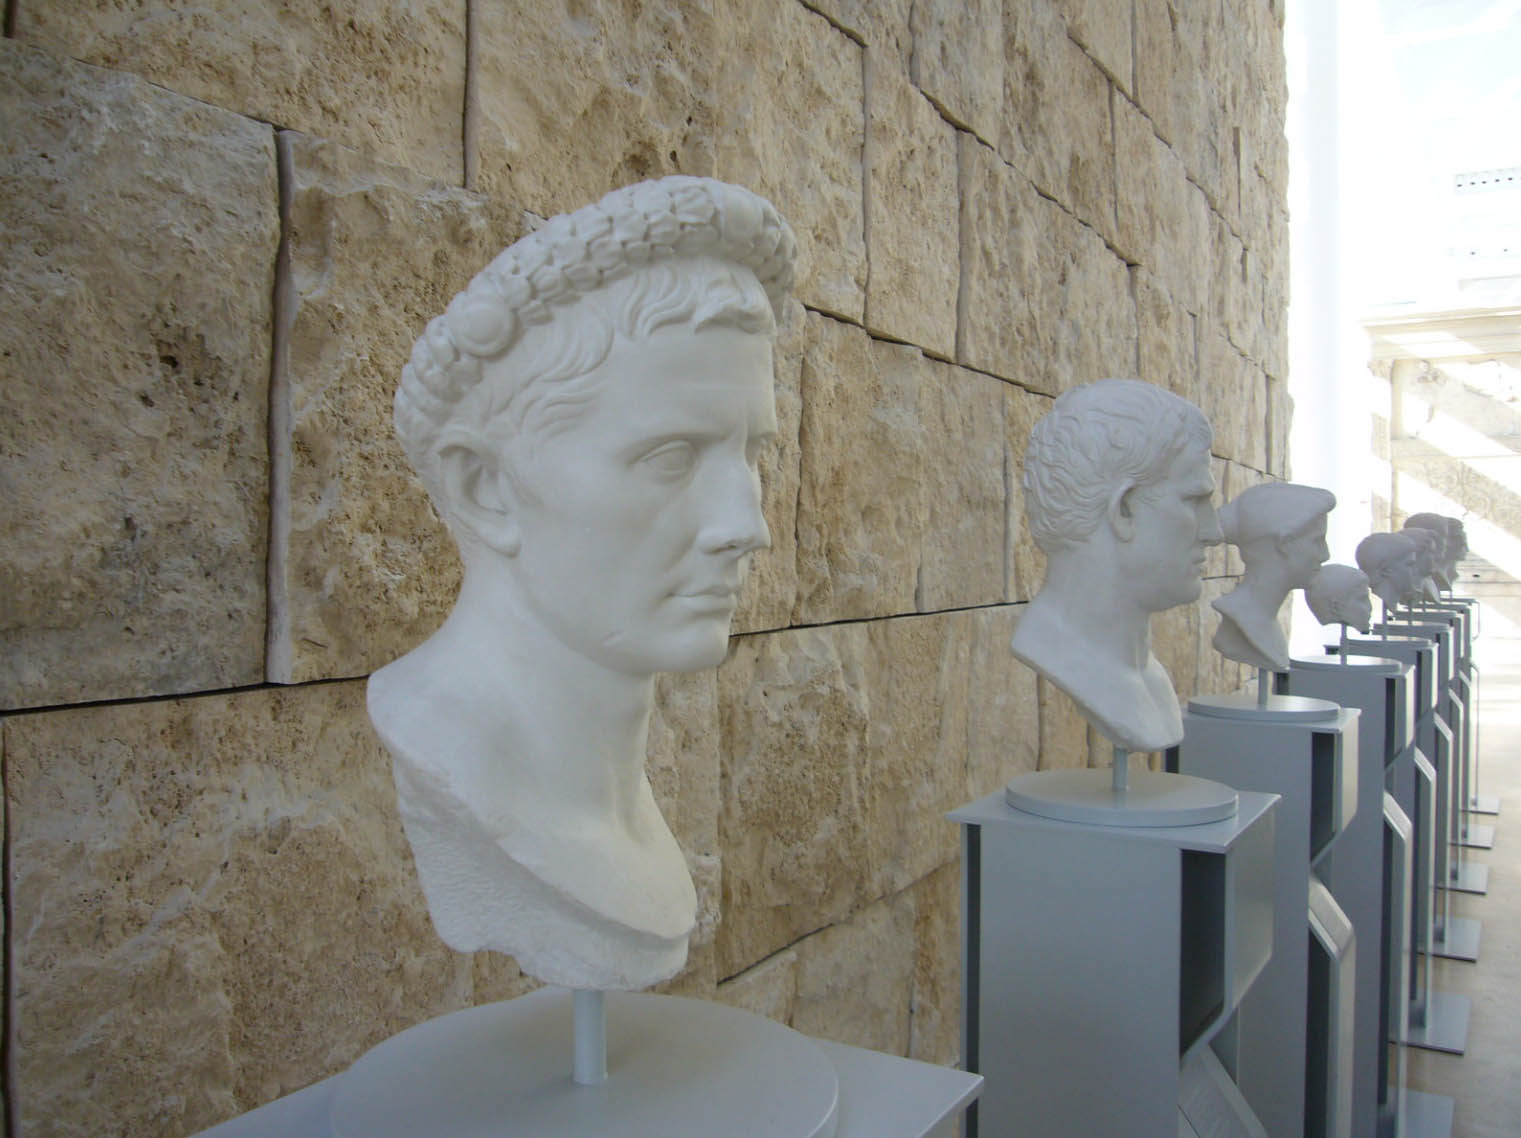 Ara Pacis - Rome luxury tours